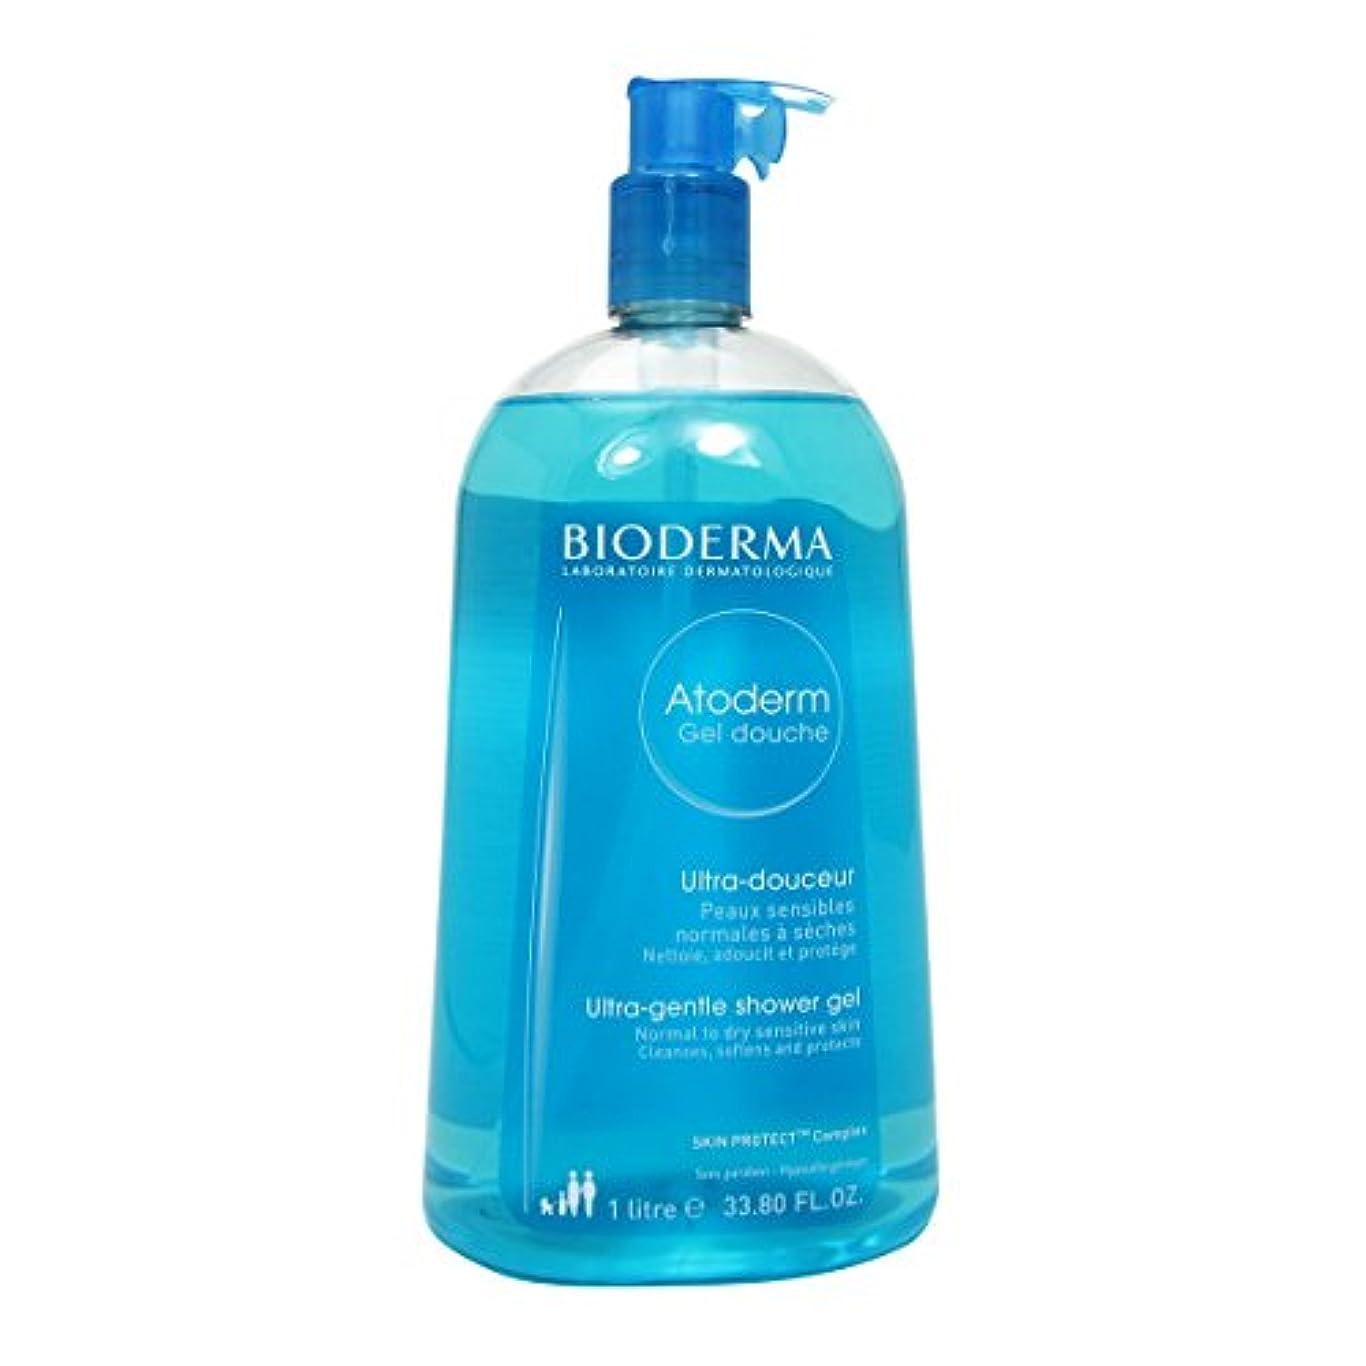 シャンパン無駄だ花瓶Bioderma Atoderm Gentle Shower Gel 1000ml [並行輸入品]